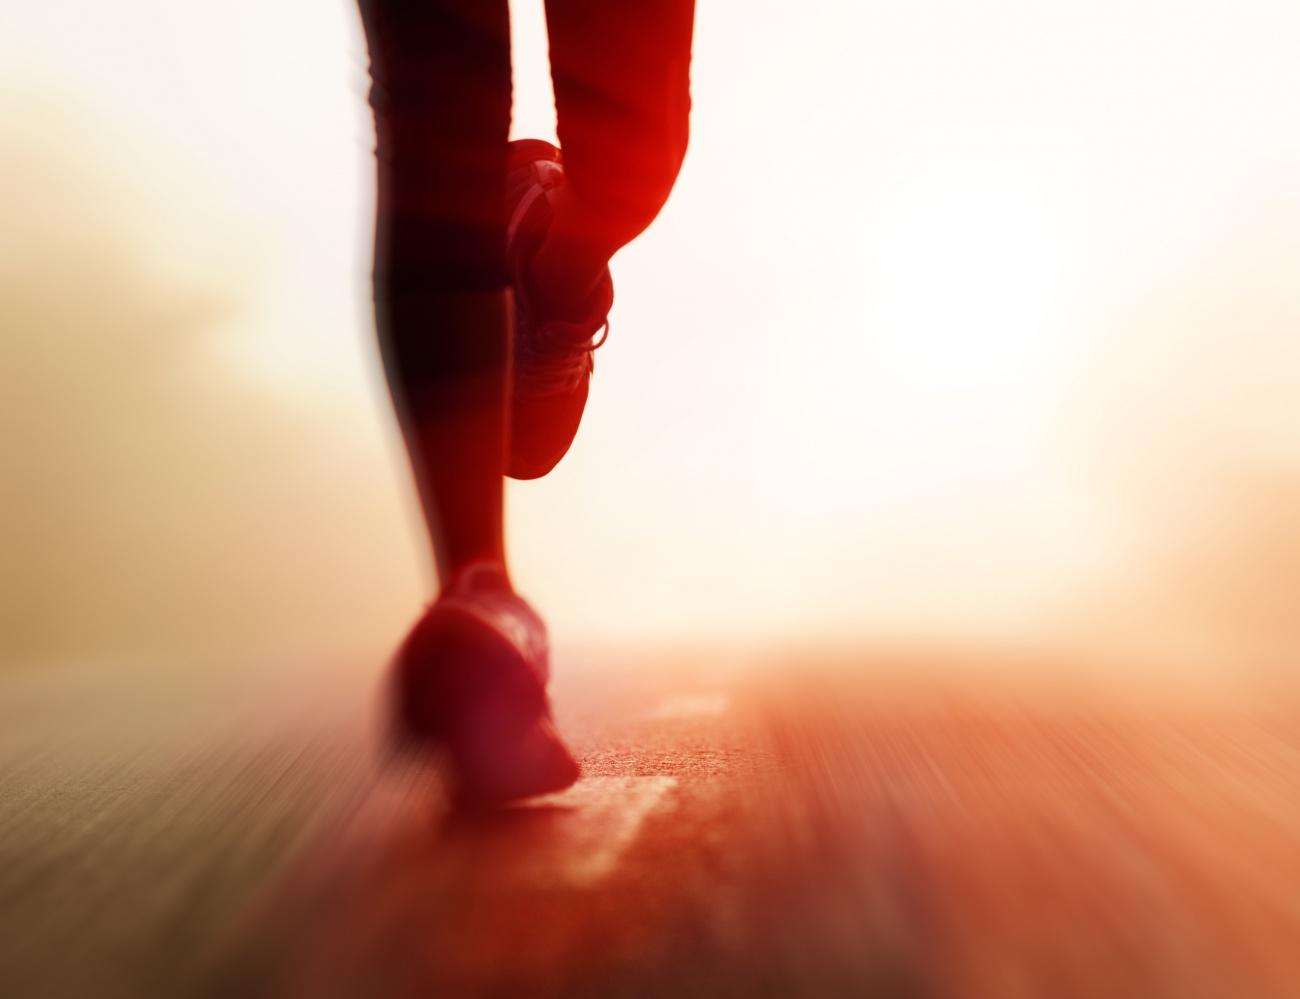 как начать бегать для похудения девушке